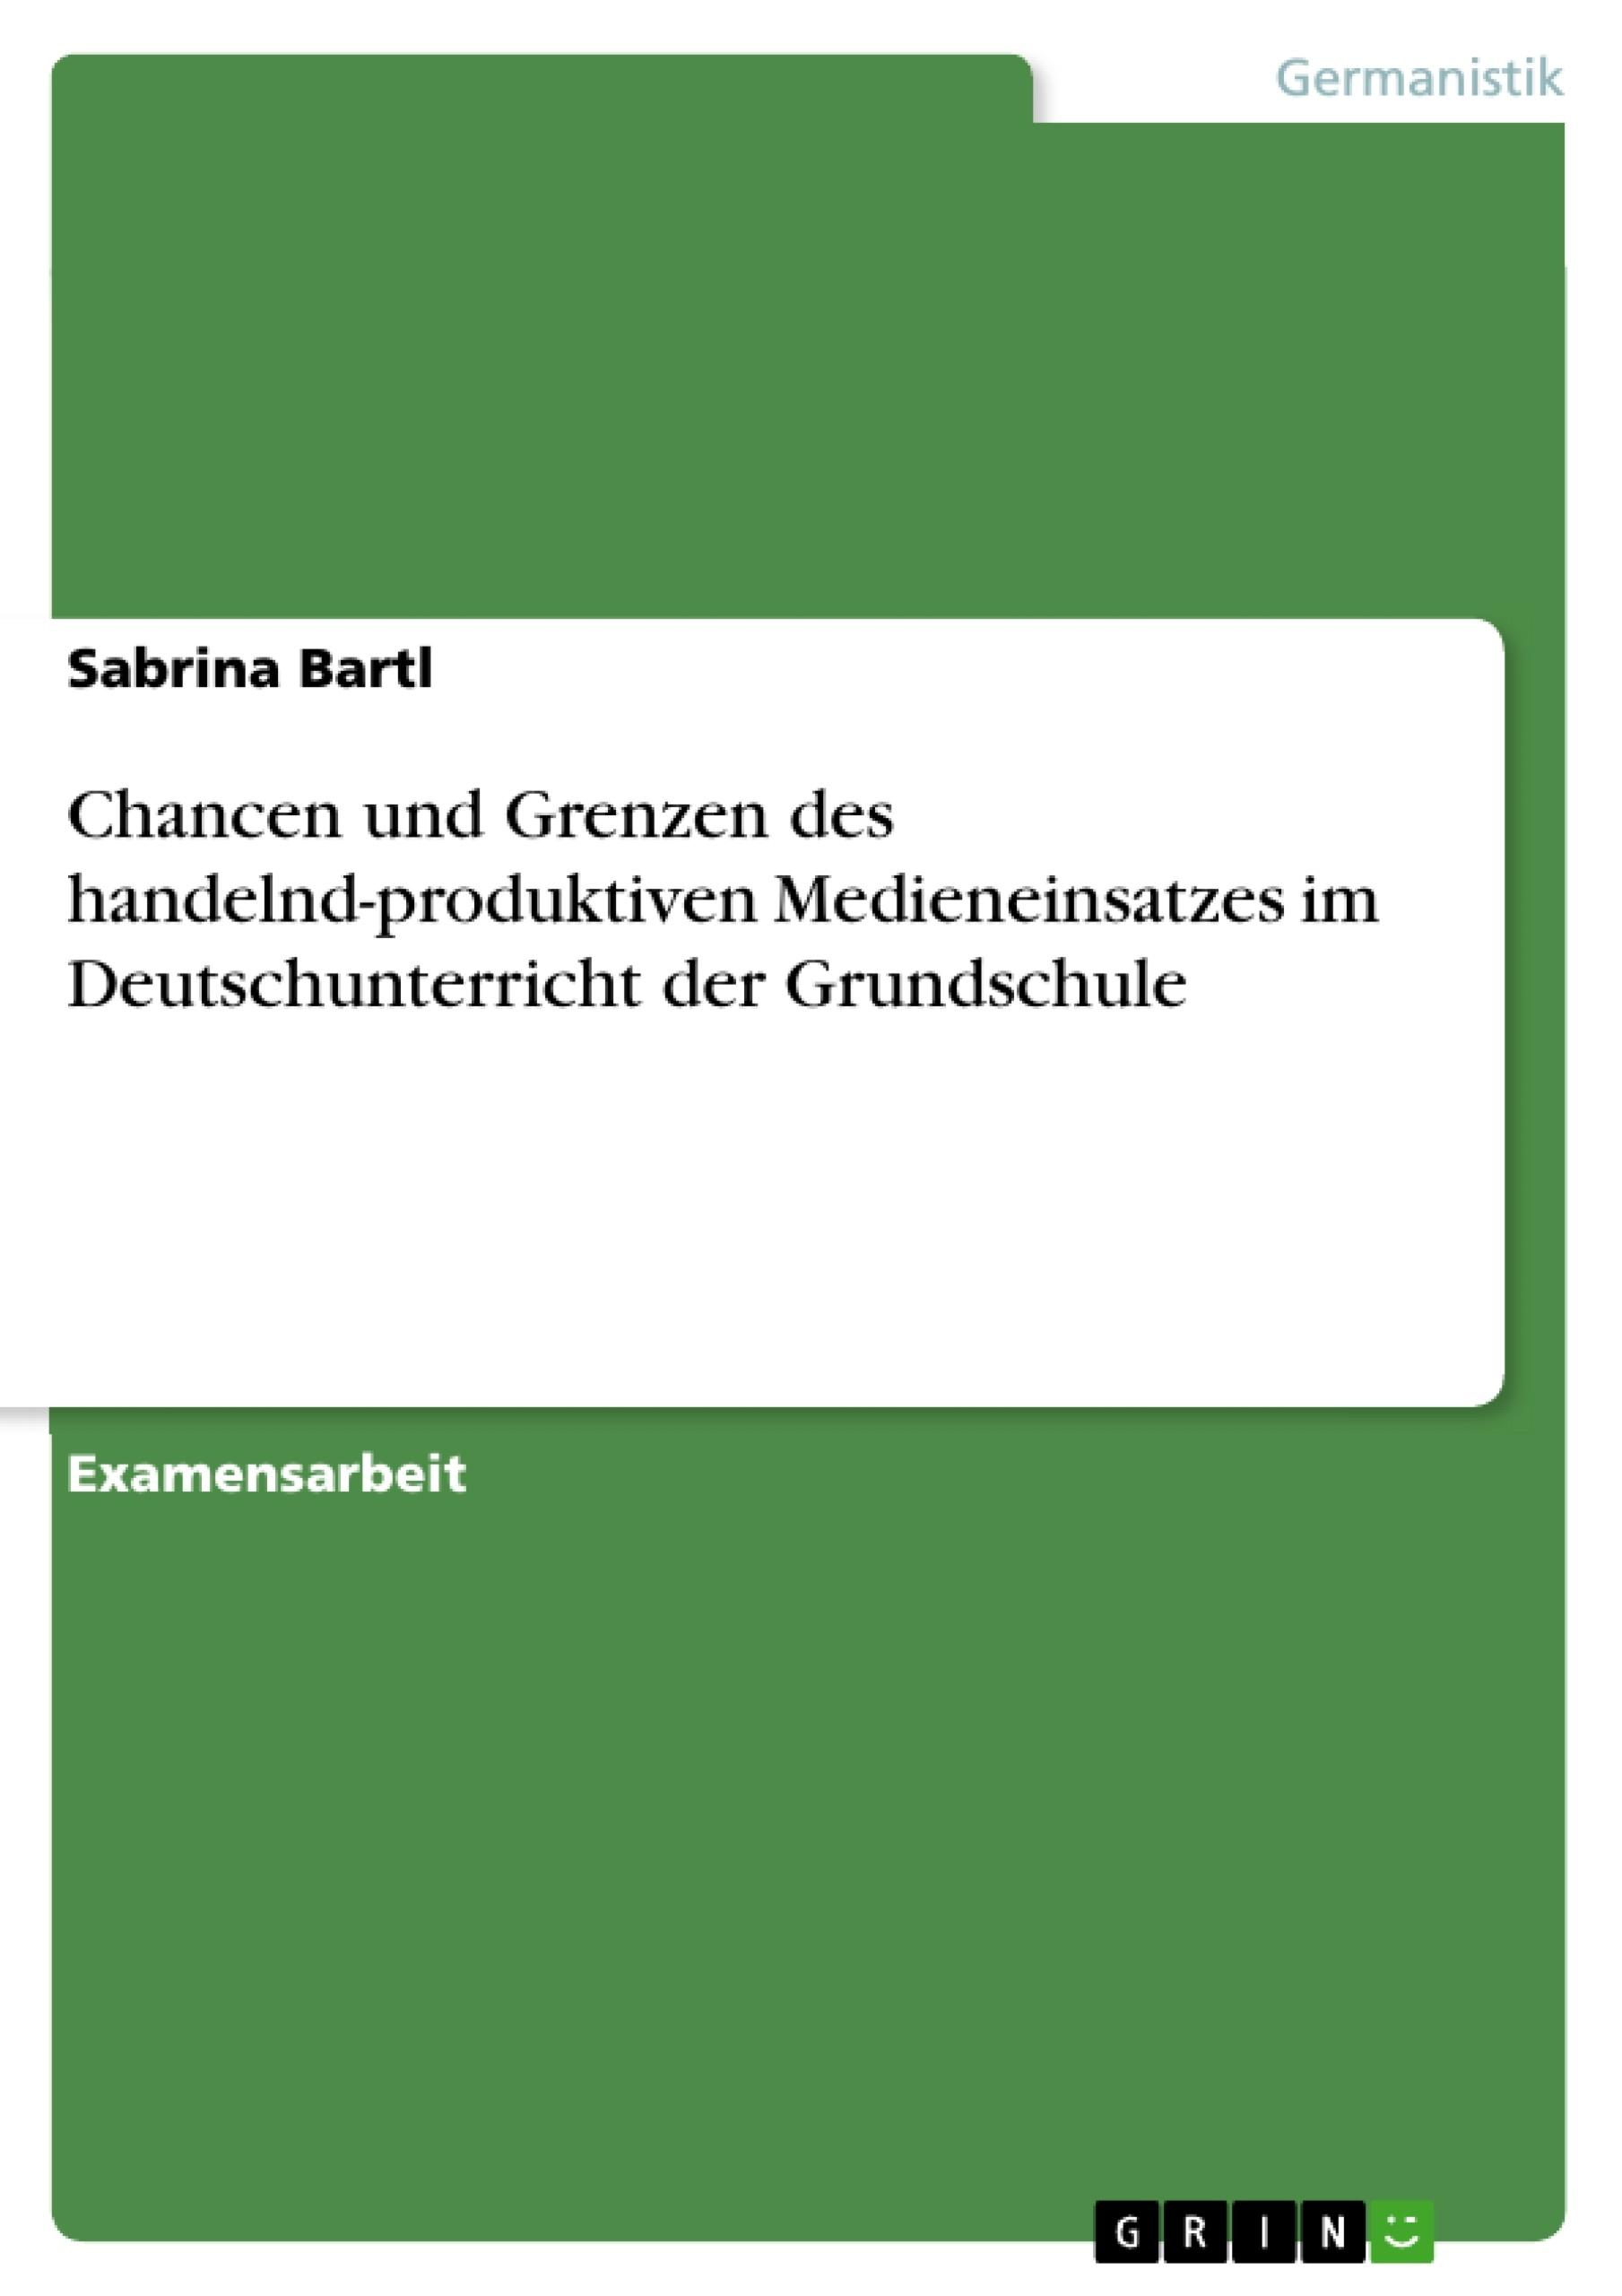 Titel: Chancen und Grenzen des handelnd-produktiven Medieneinsatzes im Deutschunterricht der Grundschule